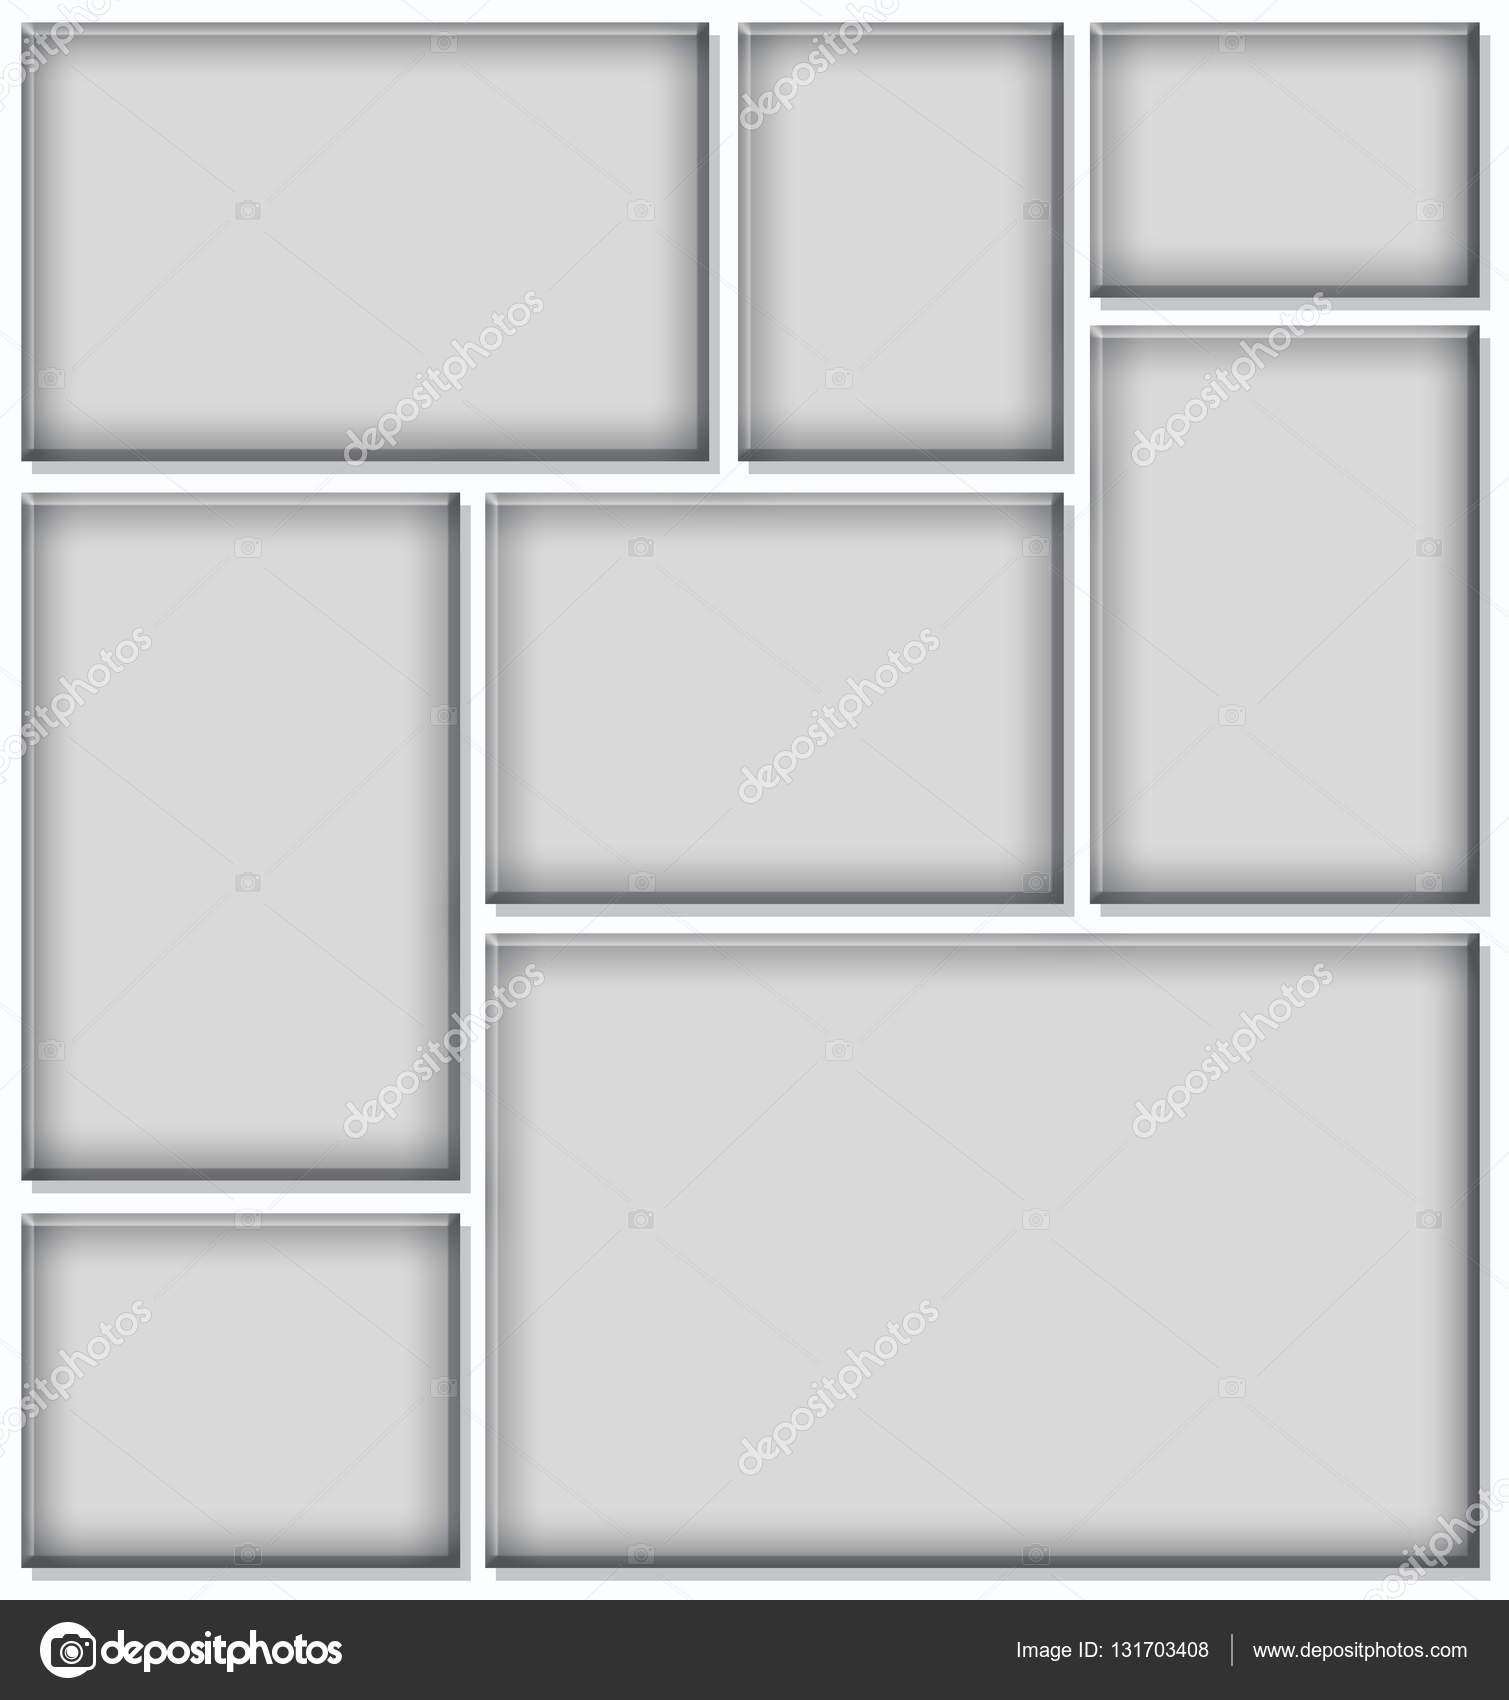 Marco gris para collage de fotos en fondo blanco — Foto de stock ...